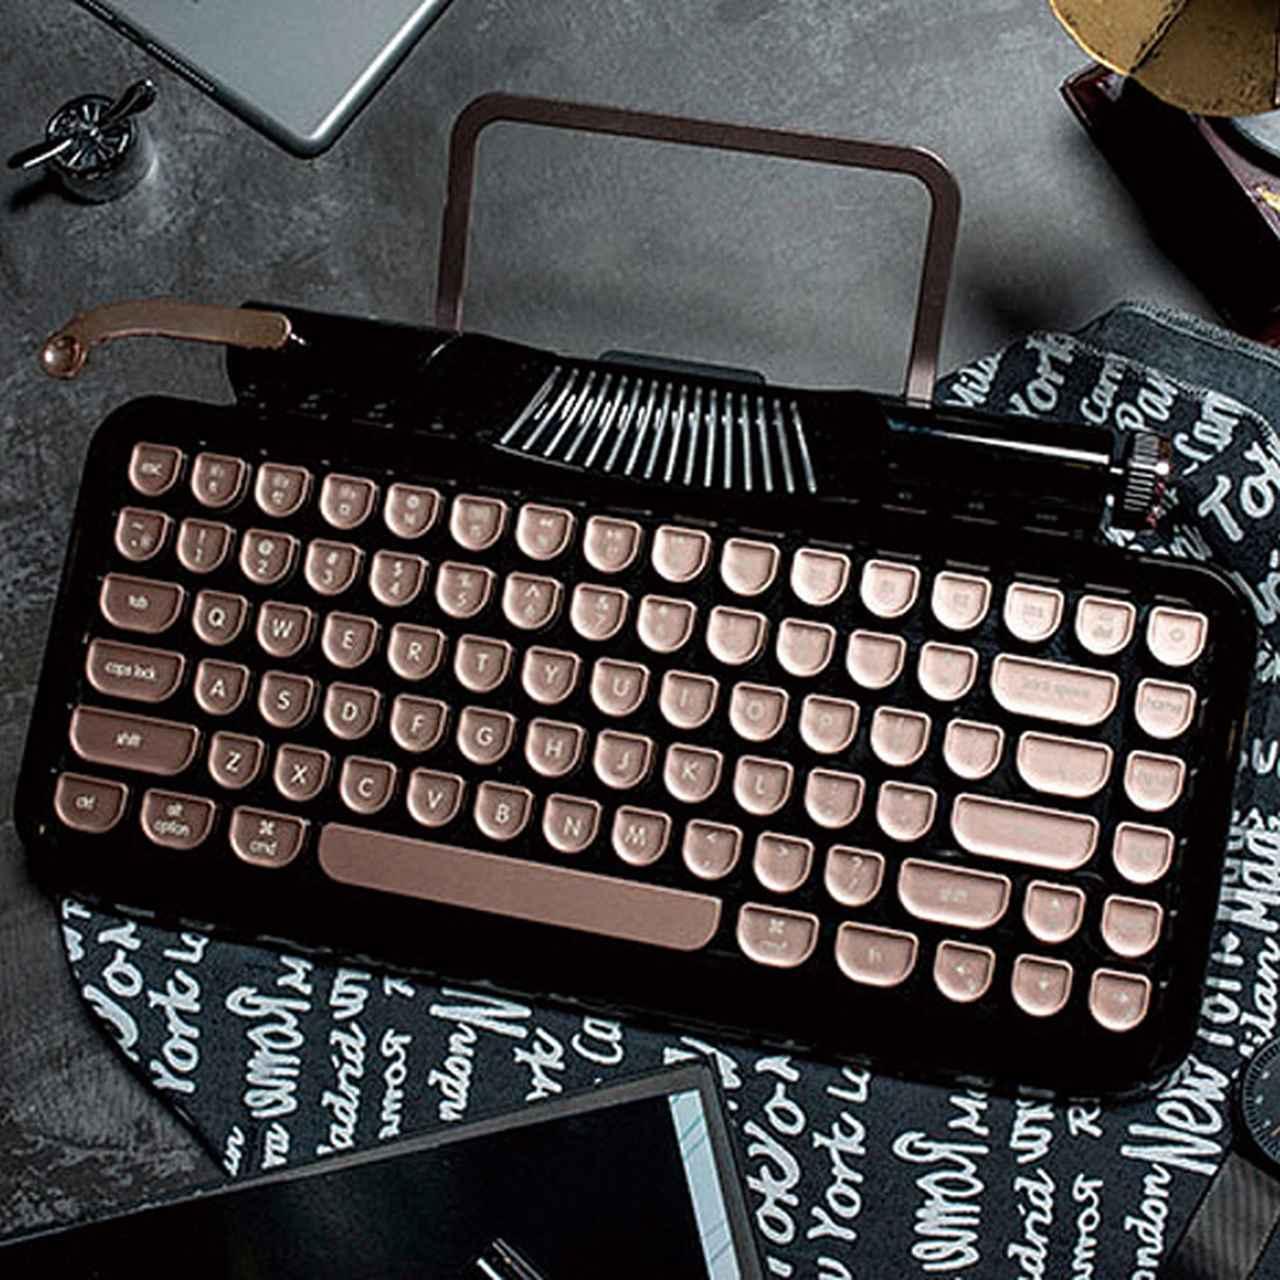 画像: 【機能は最新】タイプライターデザインがレトロなBluetoothキーボード【Vinpok Rymek】